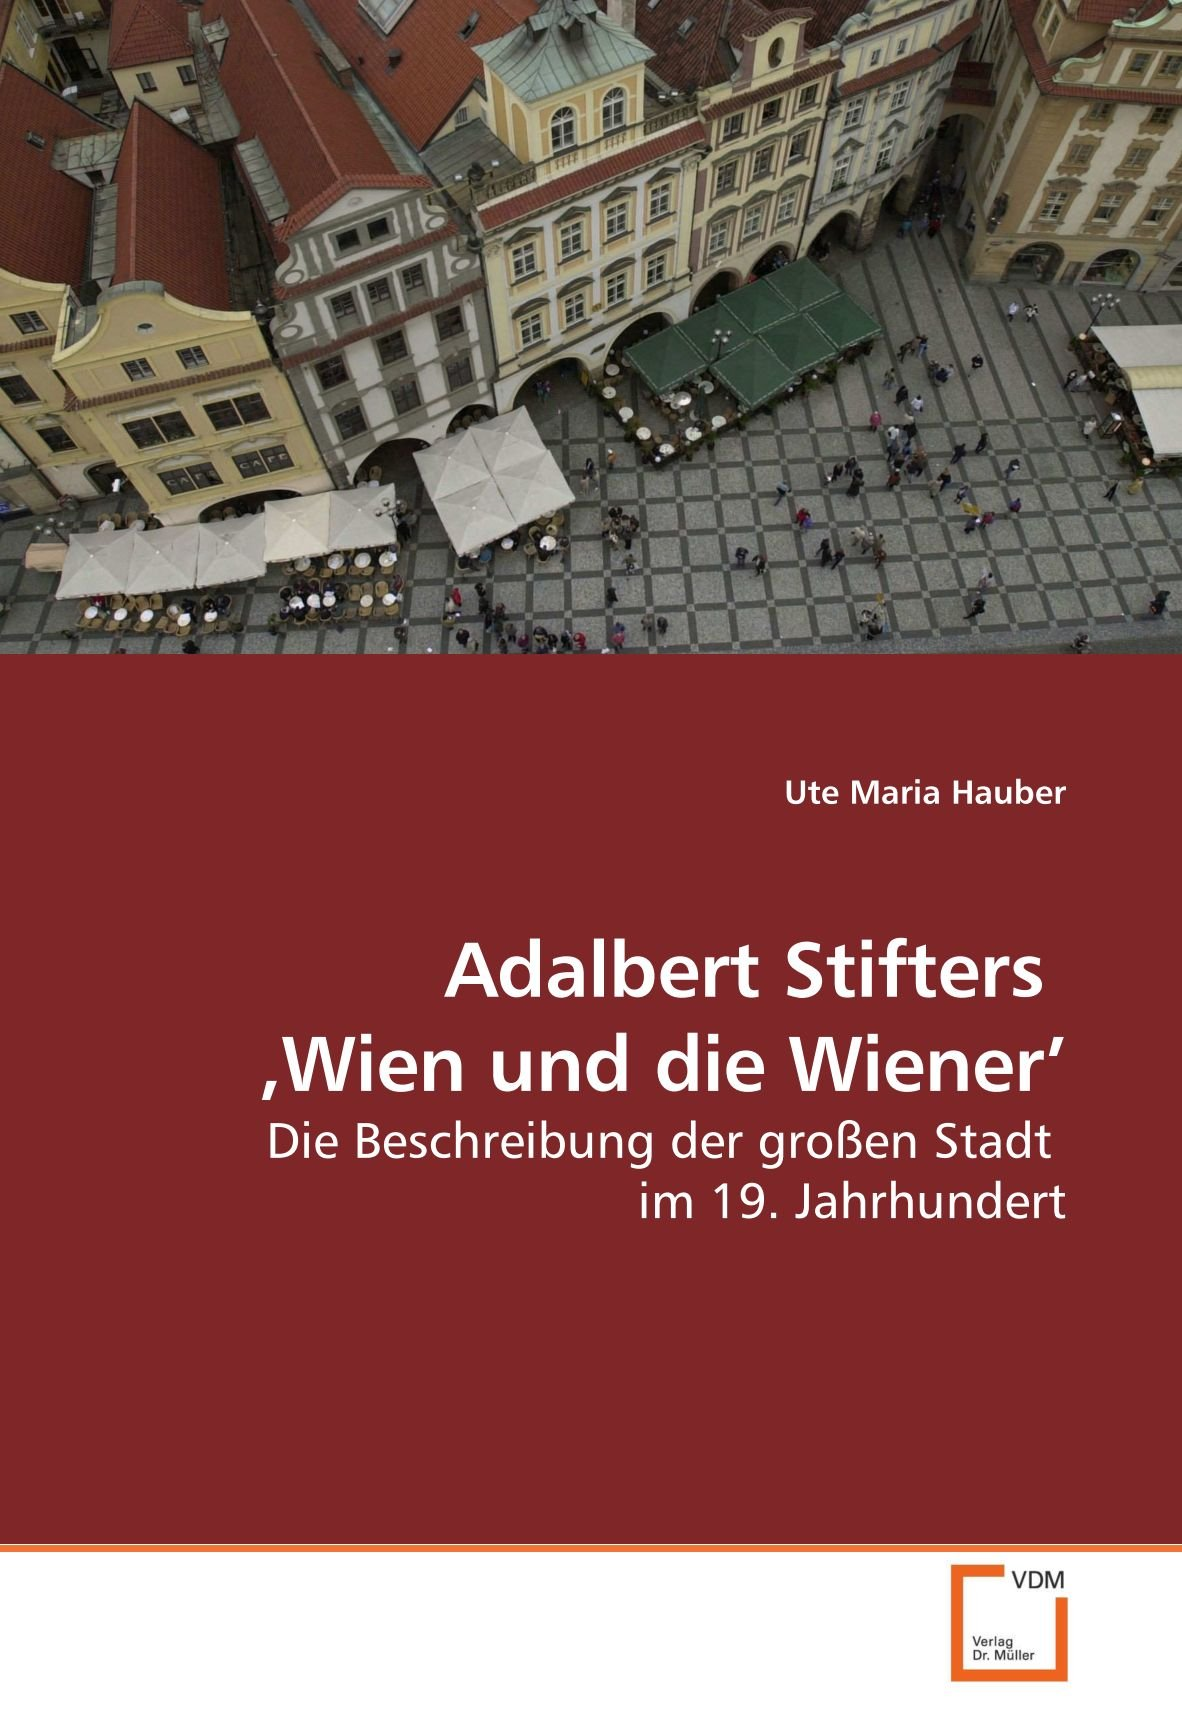 Adalbert Stifters ?Wien und die Wiener?: Die Beschreibung der großen Stadt im 19. Jahrhundert